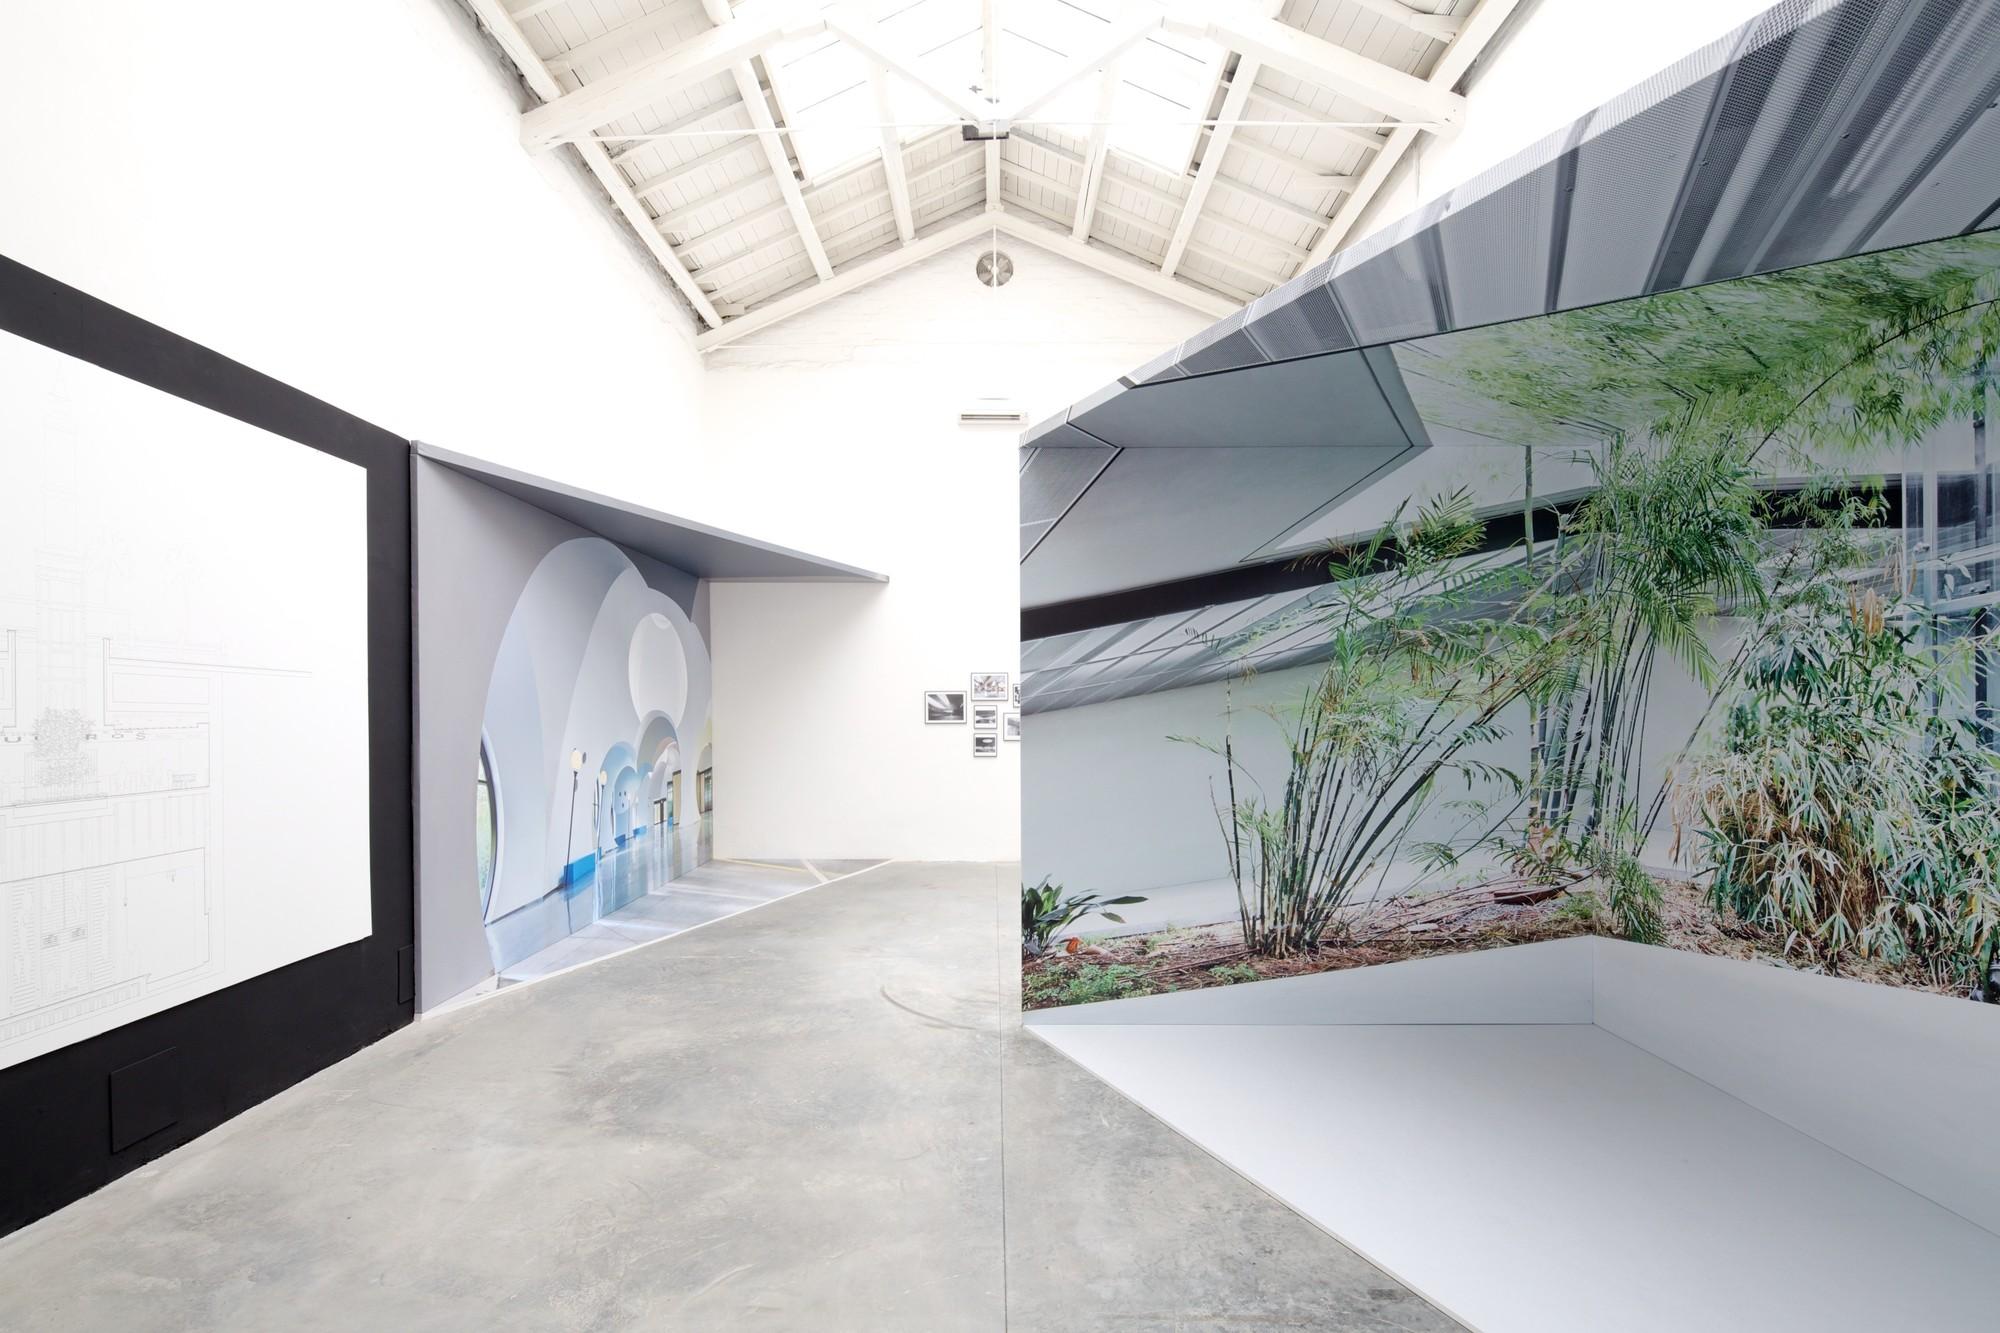 INTERIOR / Pavilhão da Espanha na Bienal de Veneza 2014, © Nico Saieh